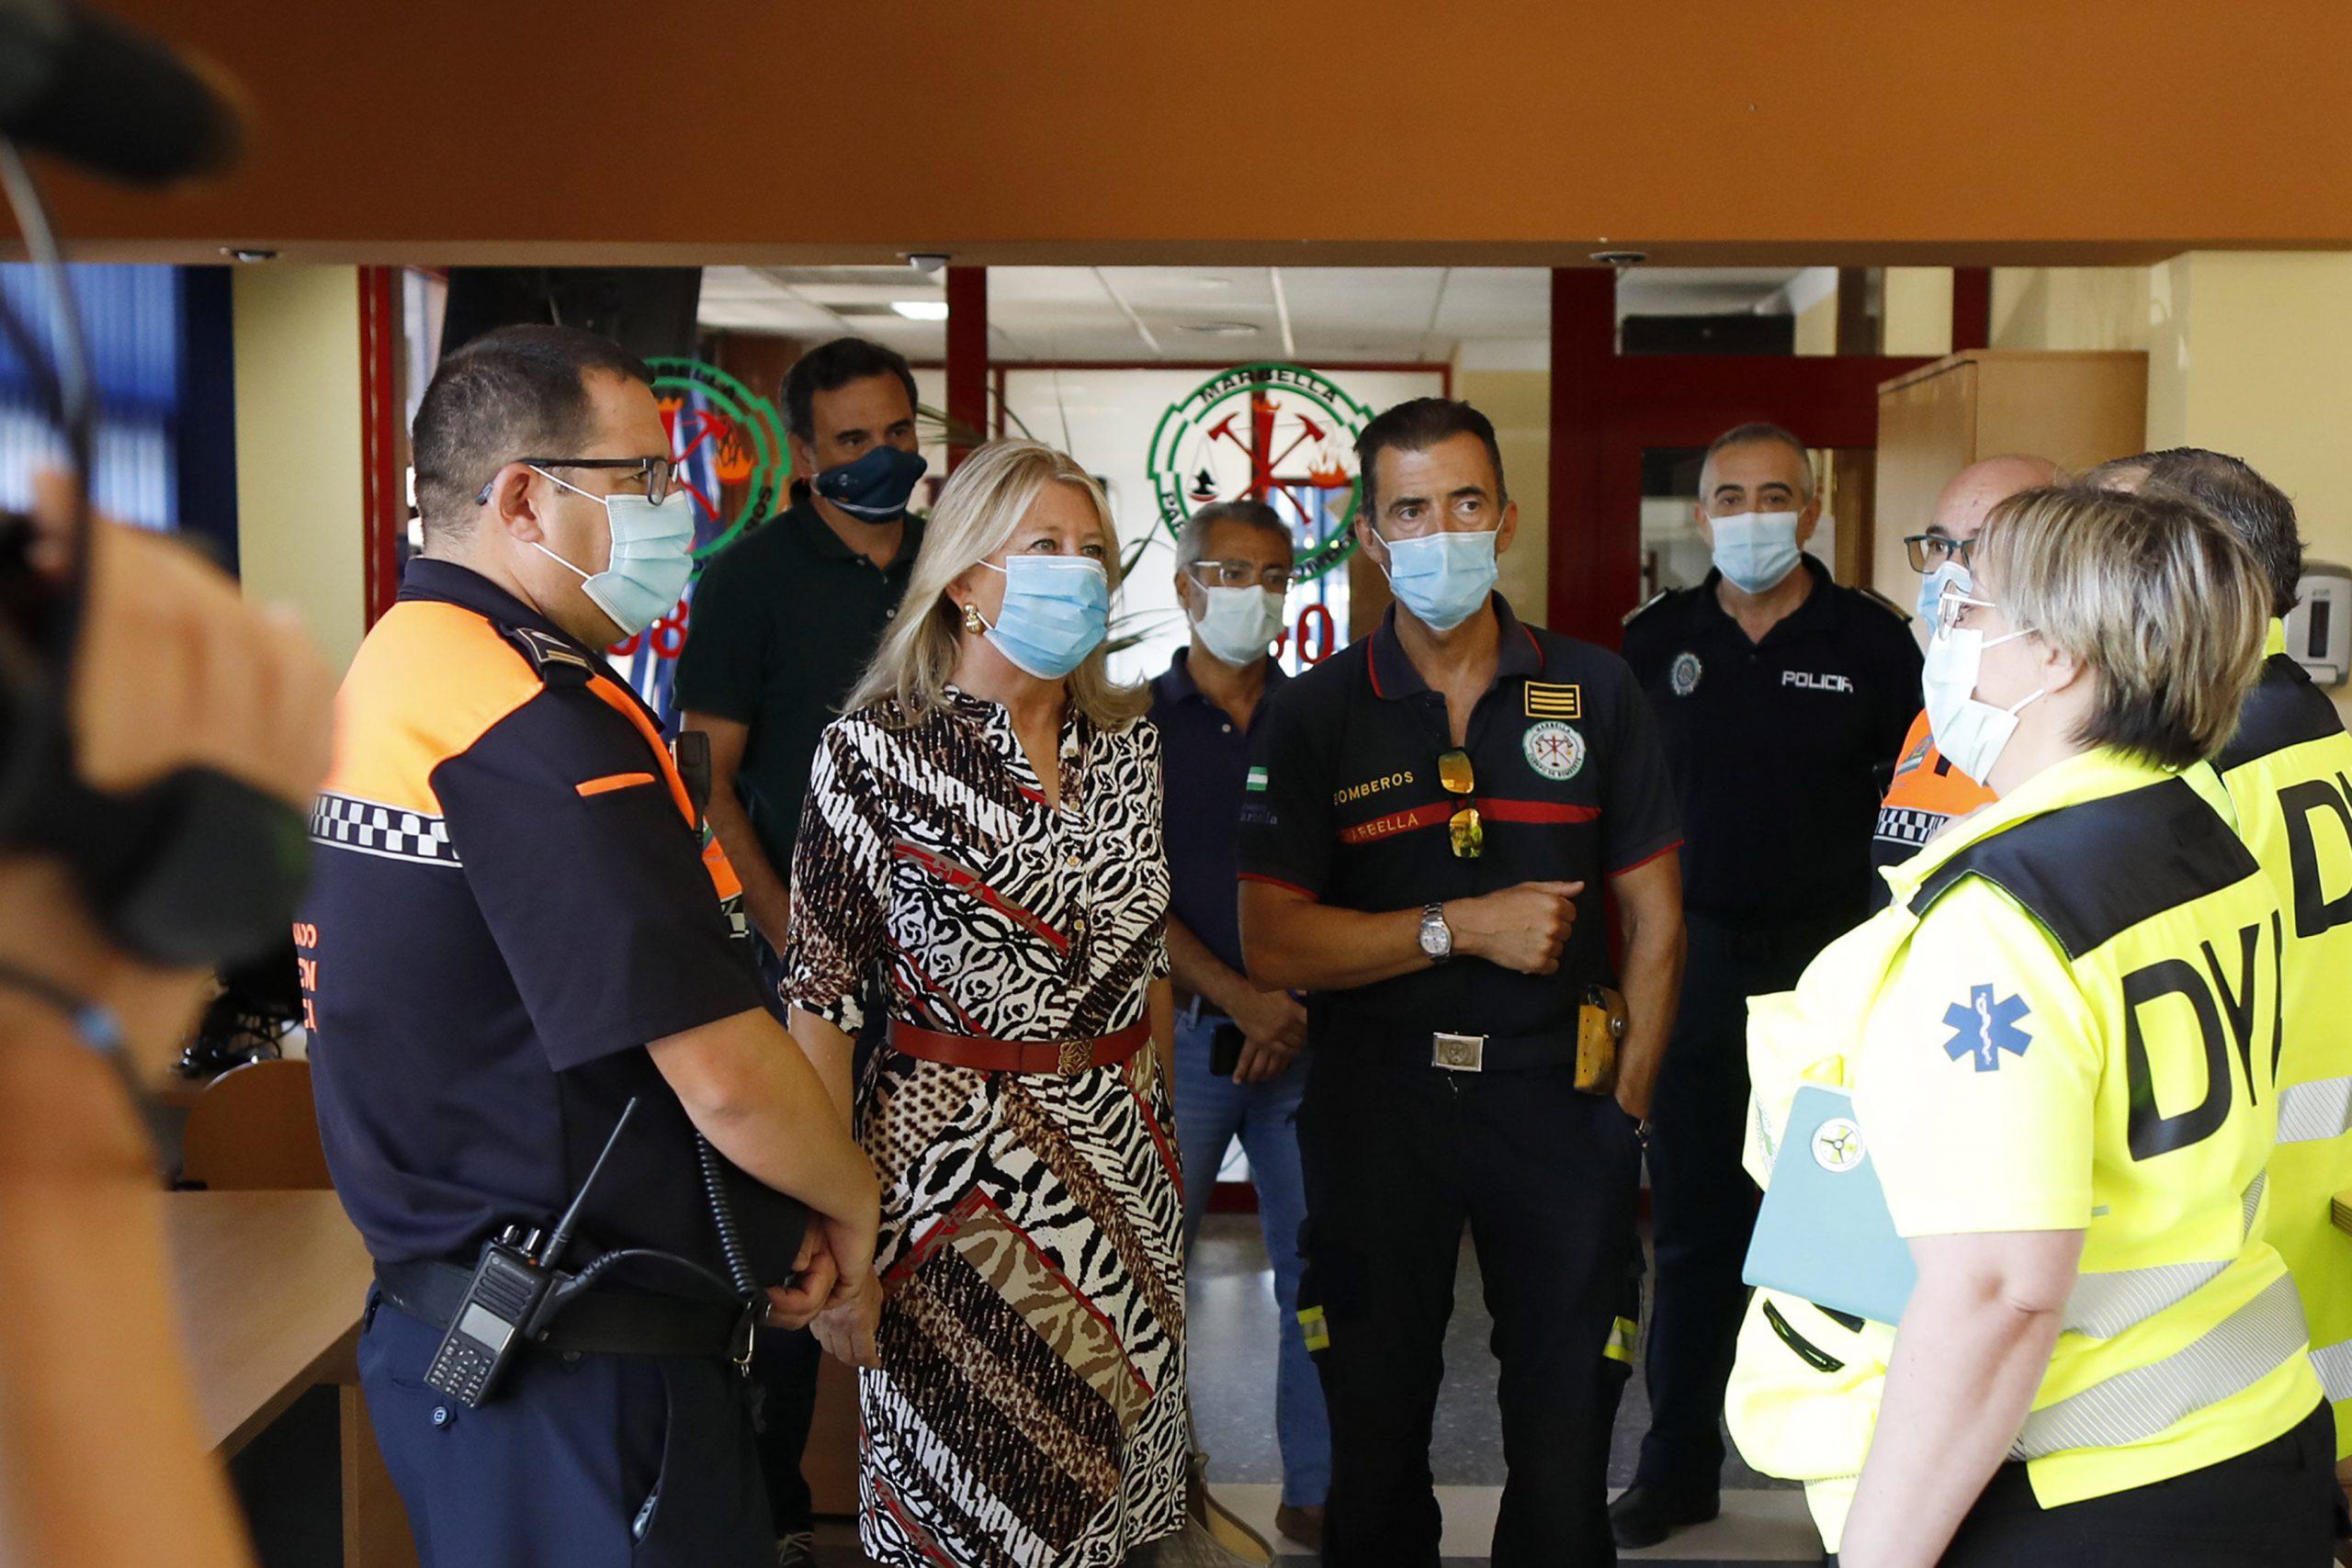 La alcaldesa subraya el trabajo en materia de prevención frente al Covid-19 en Marbella